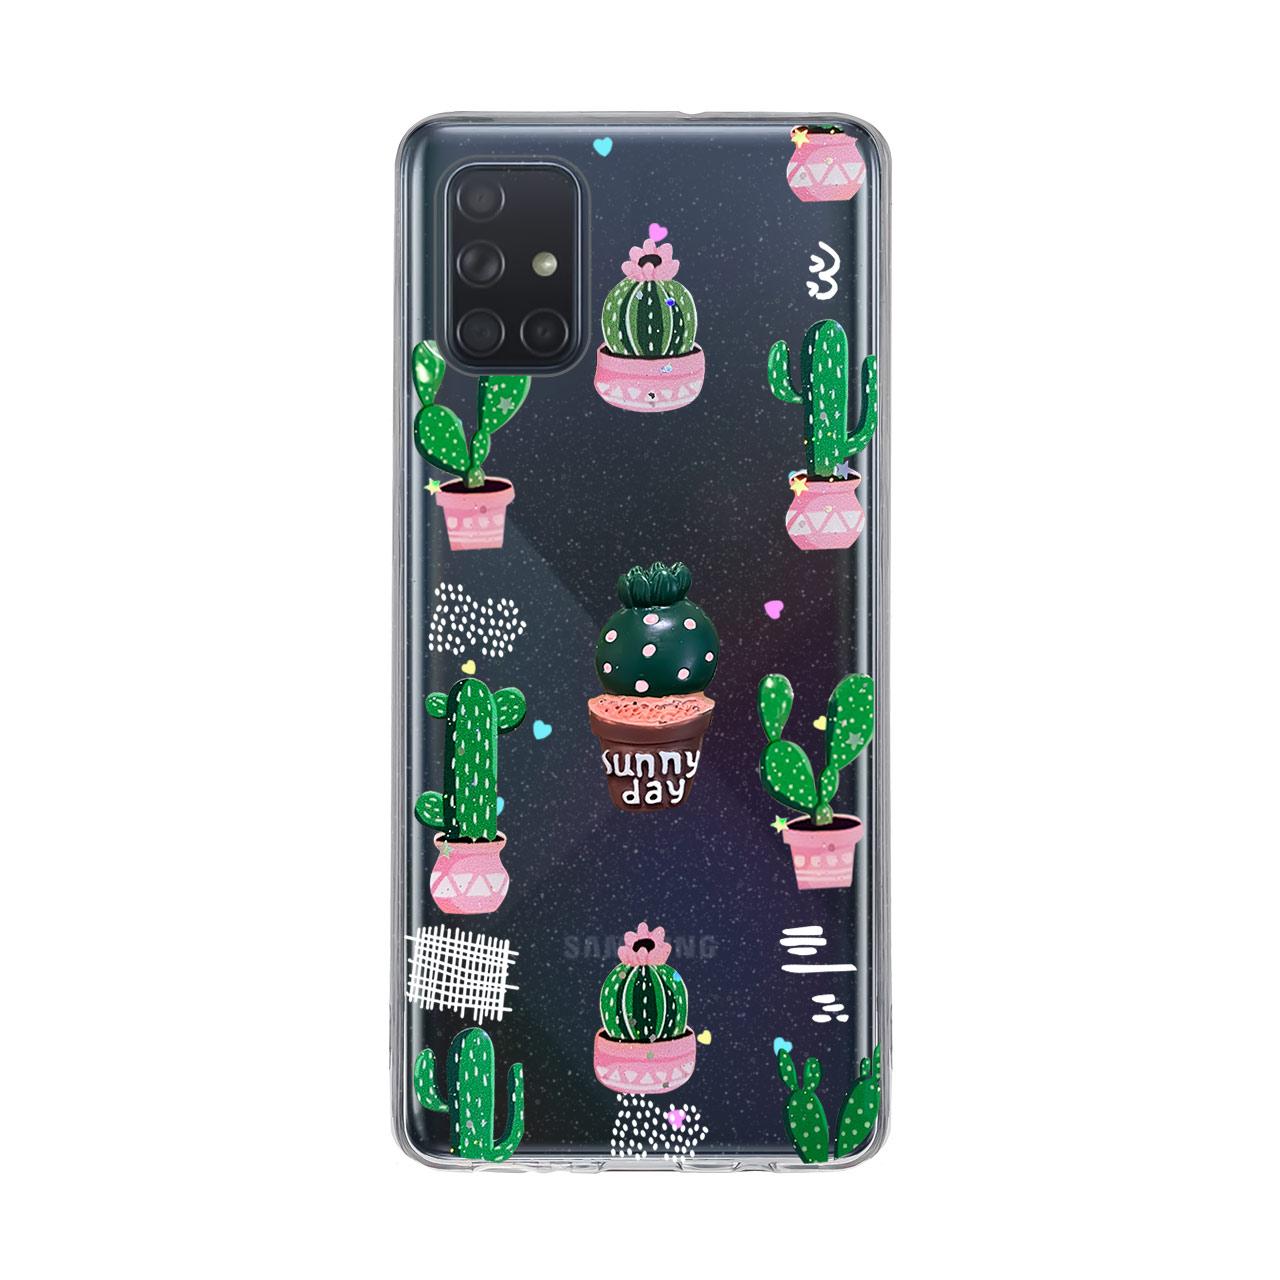 بررسی و {خرید با تخفیف} کاور دکین مدل Fanzy طرح کاکتوس مناسب برای گوشی موبایل سامسونگ Galaxy A71 اصل